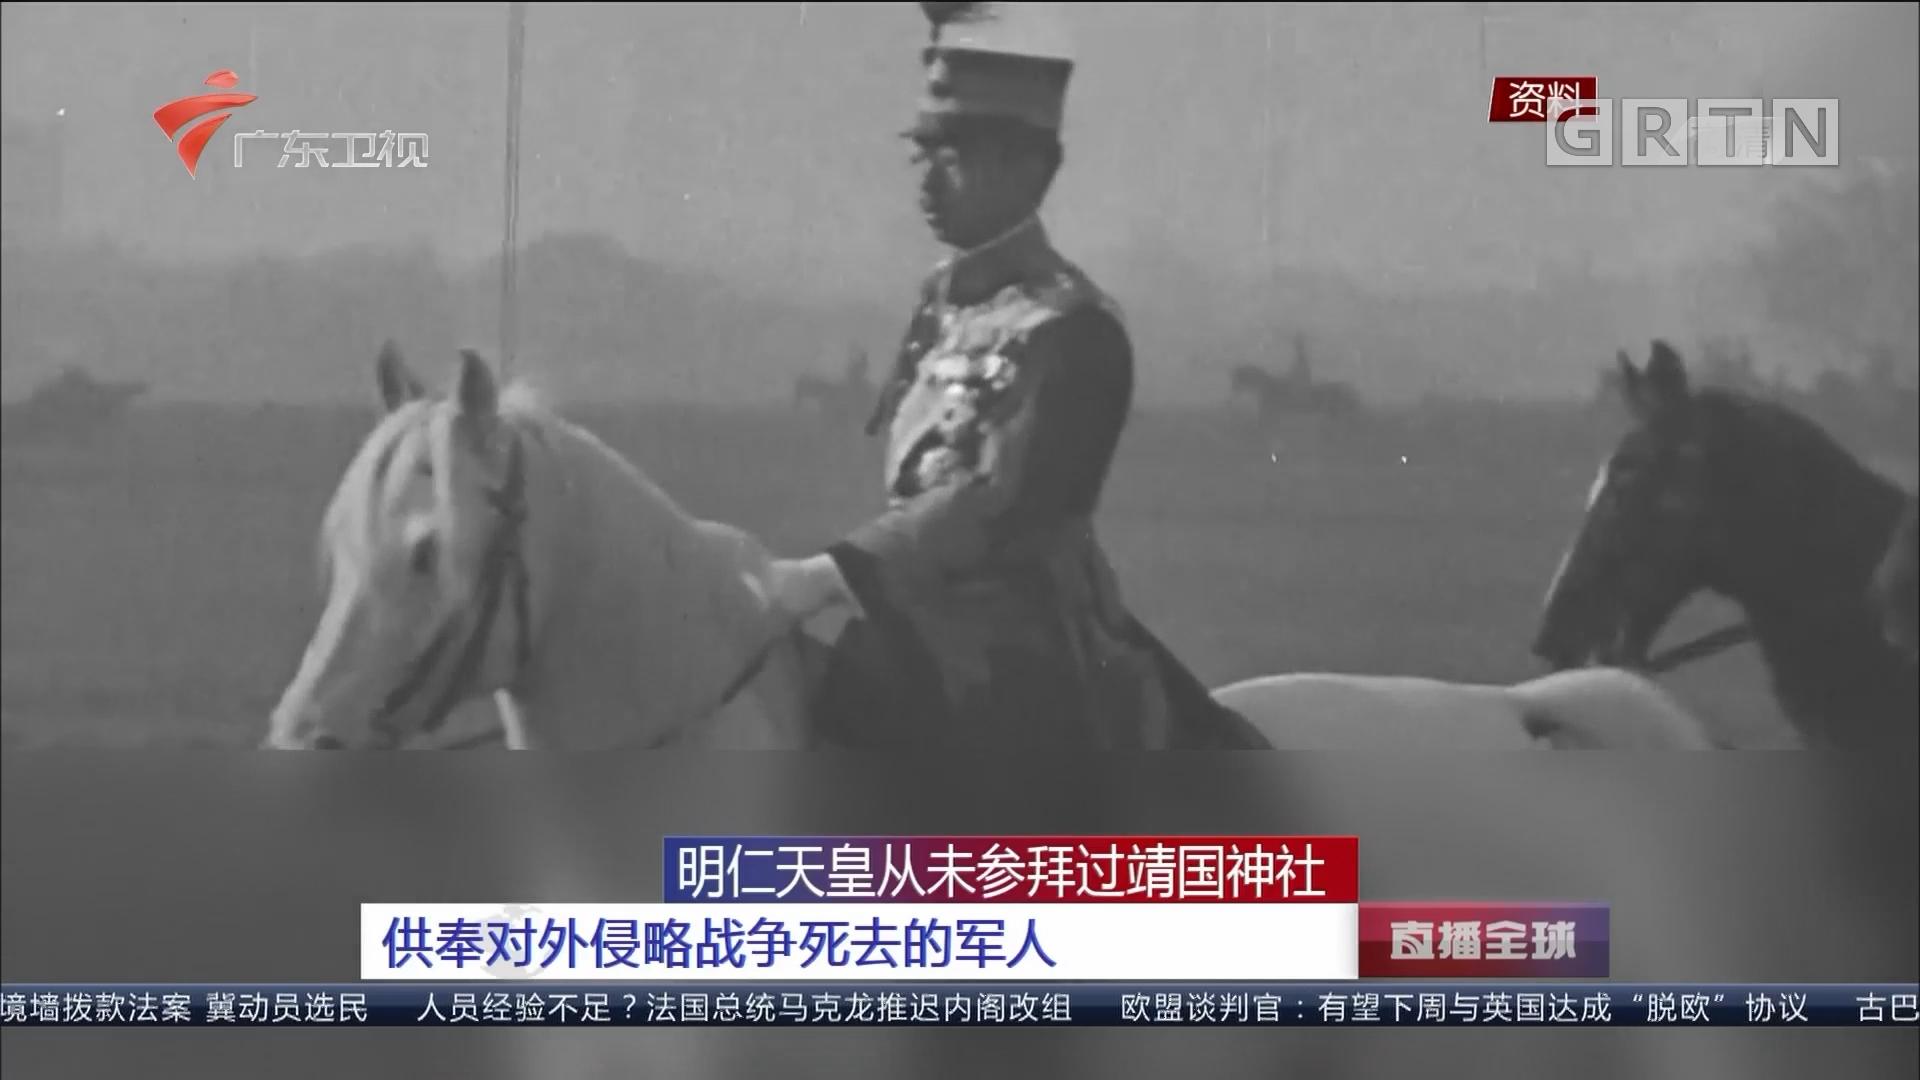 明仁天皇从未参拜过靖国神社:供奉对外侵略战争死去的军人